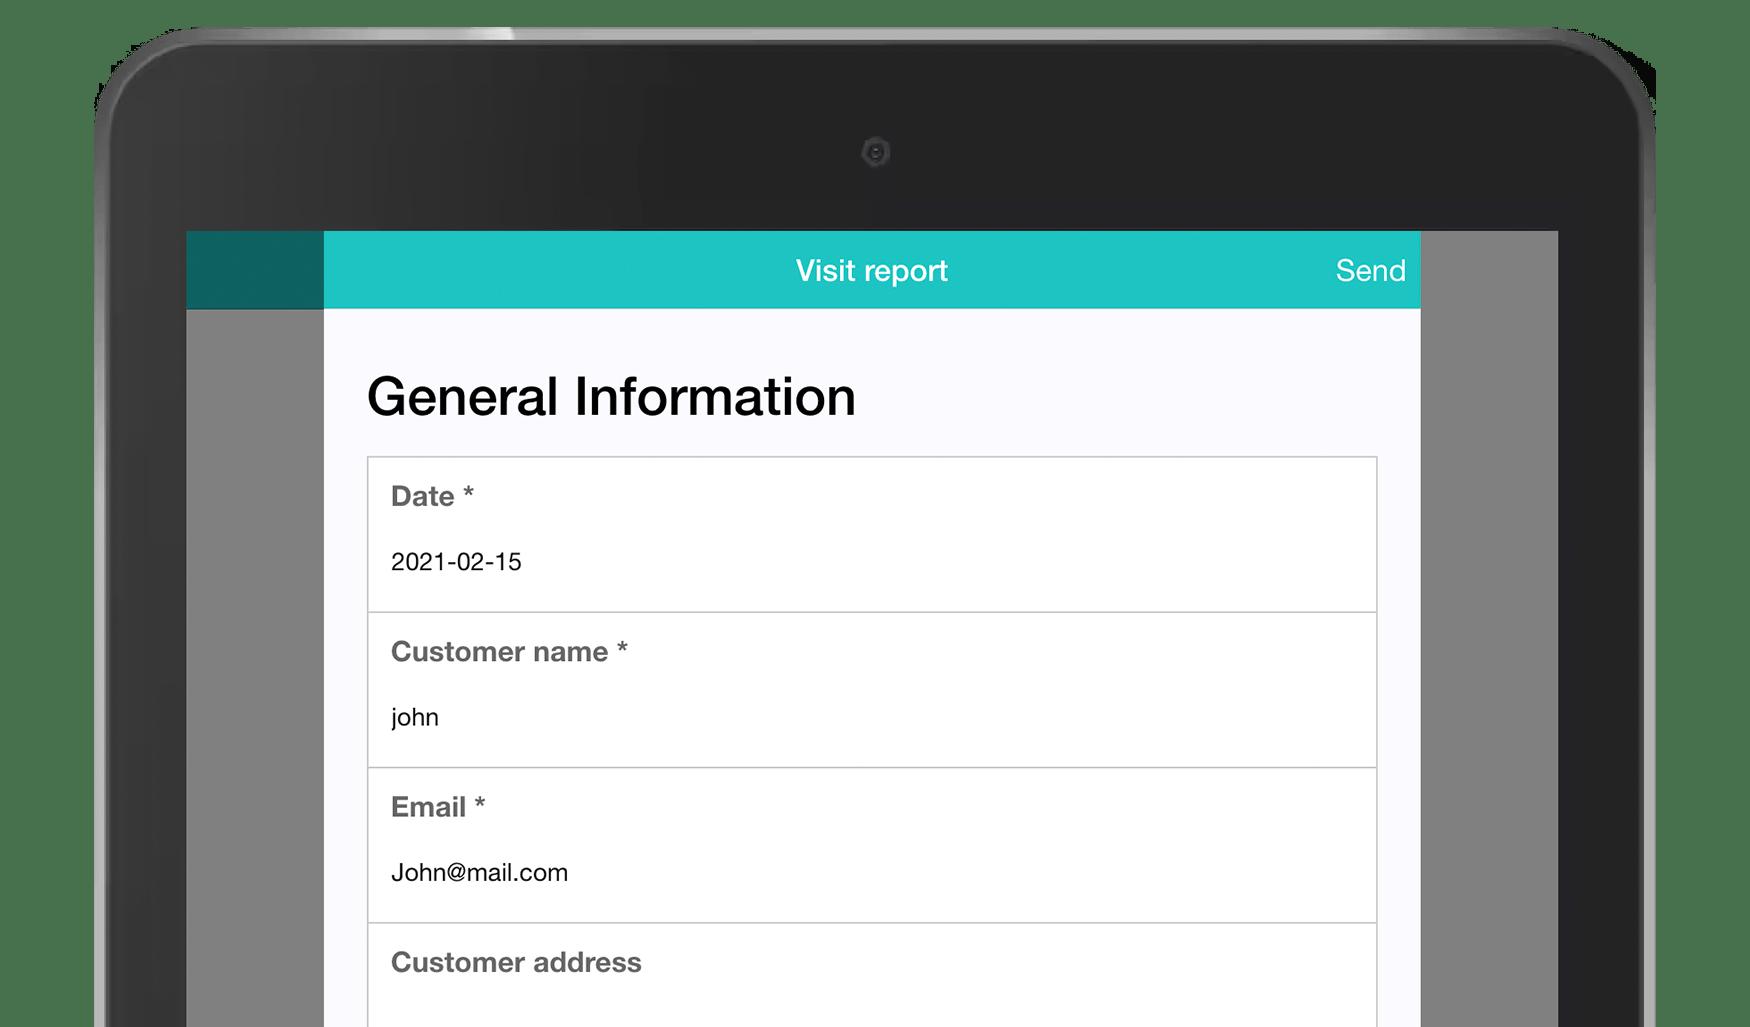 MoreApp Visit report app